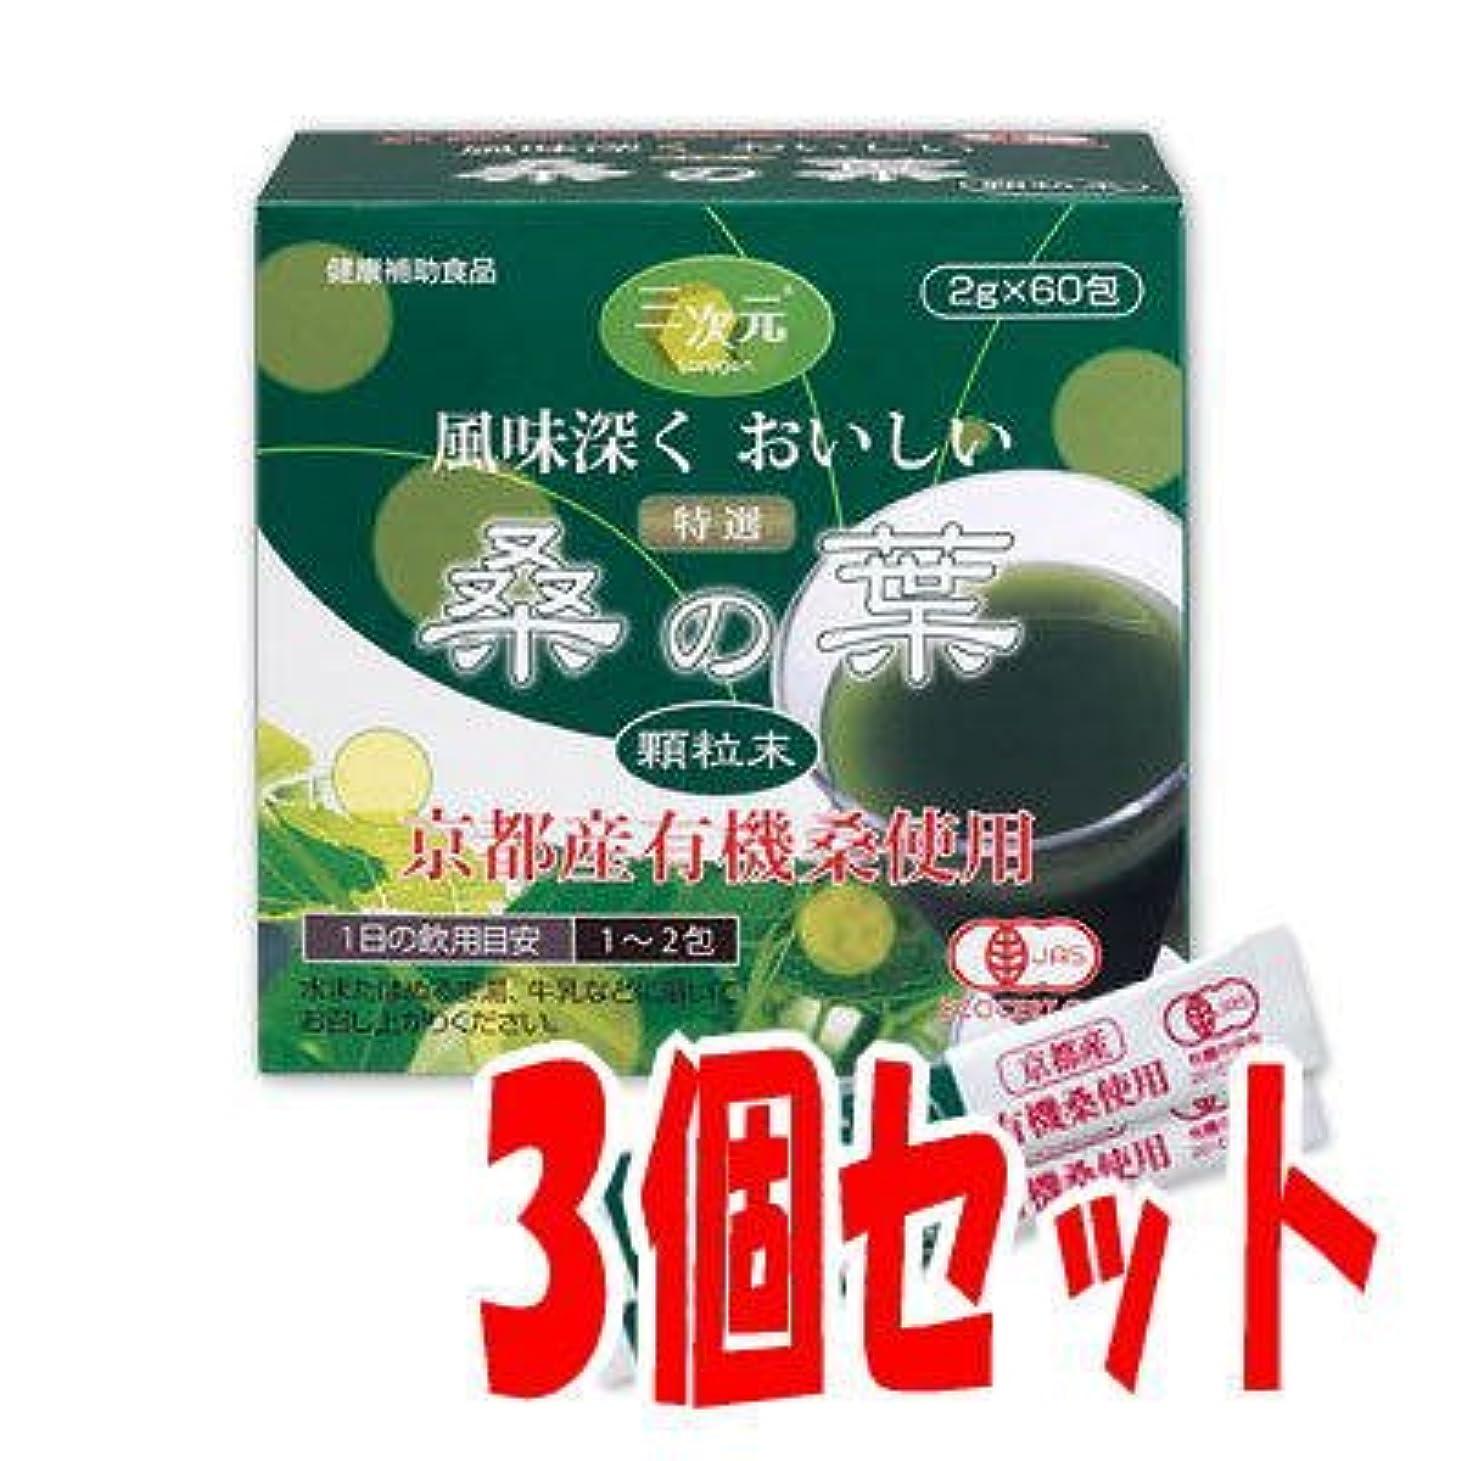 特選「桑の葉」顆粒末1箱60包入×3箱セット 国産(京都産)有機桑使用 苦くなく風味深くおいしい青汁